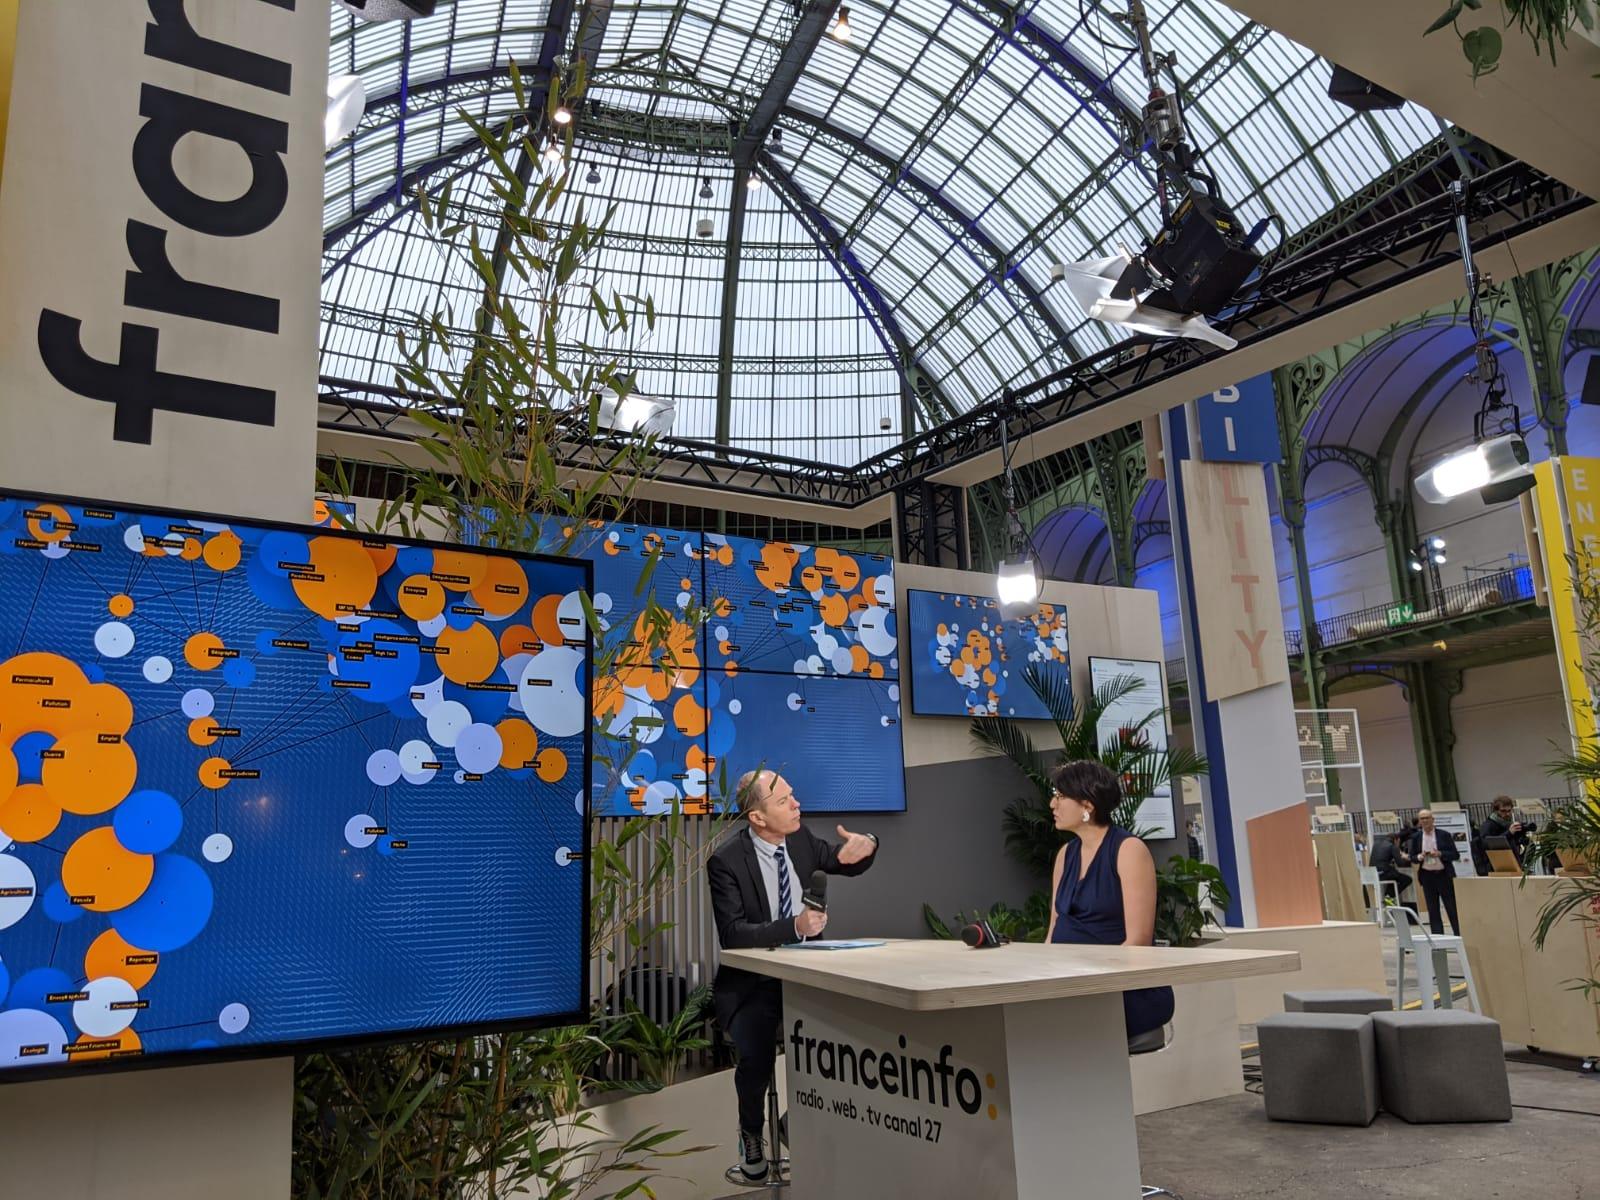 FRANCE TV</br>| Change Now